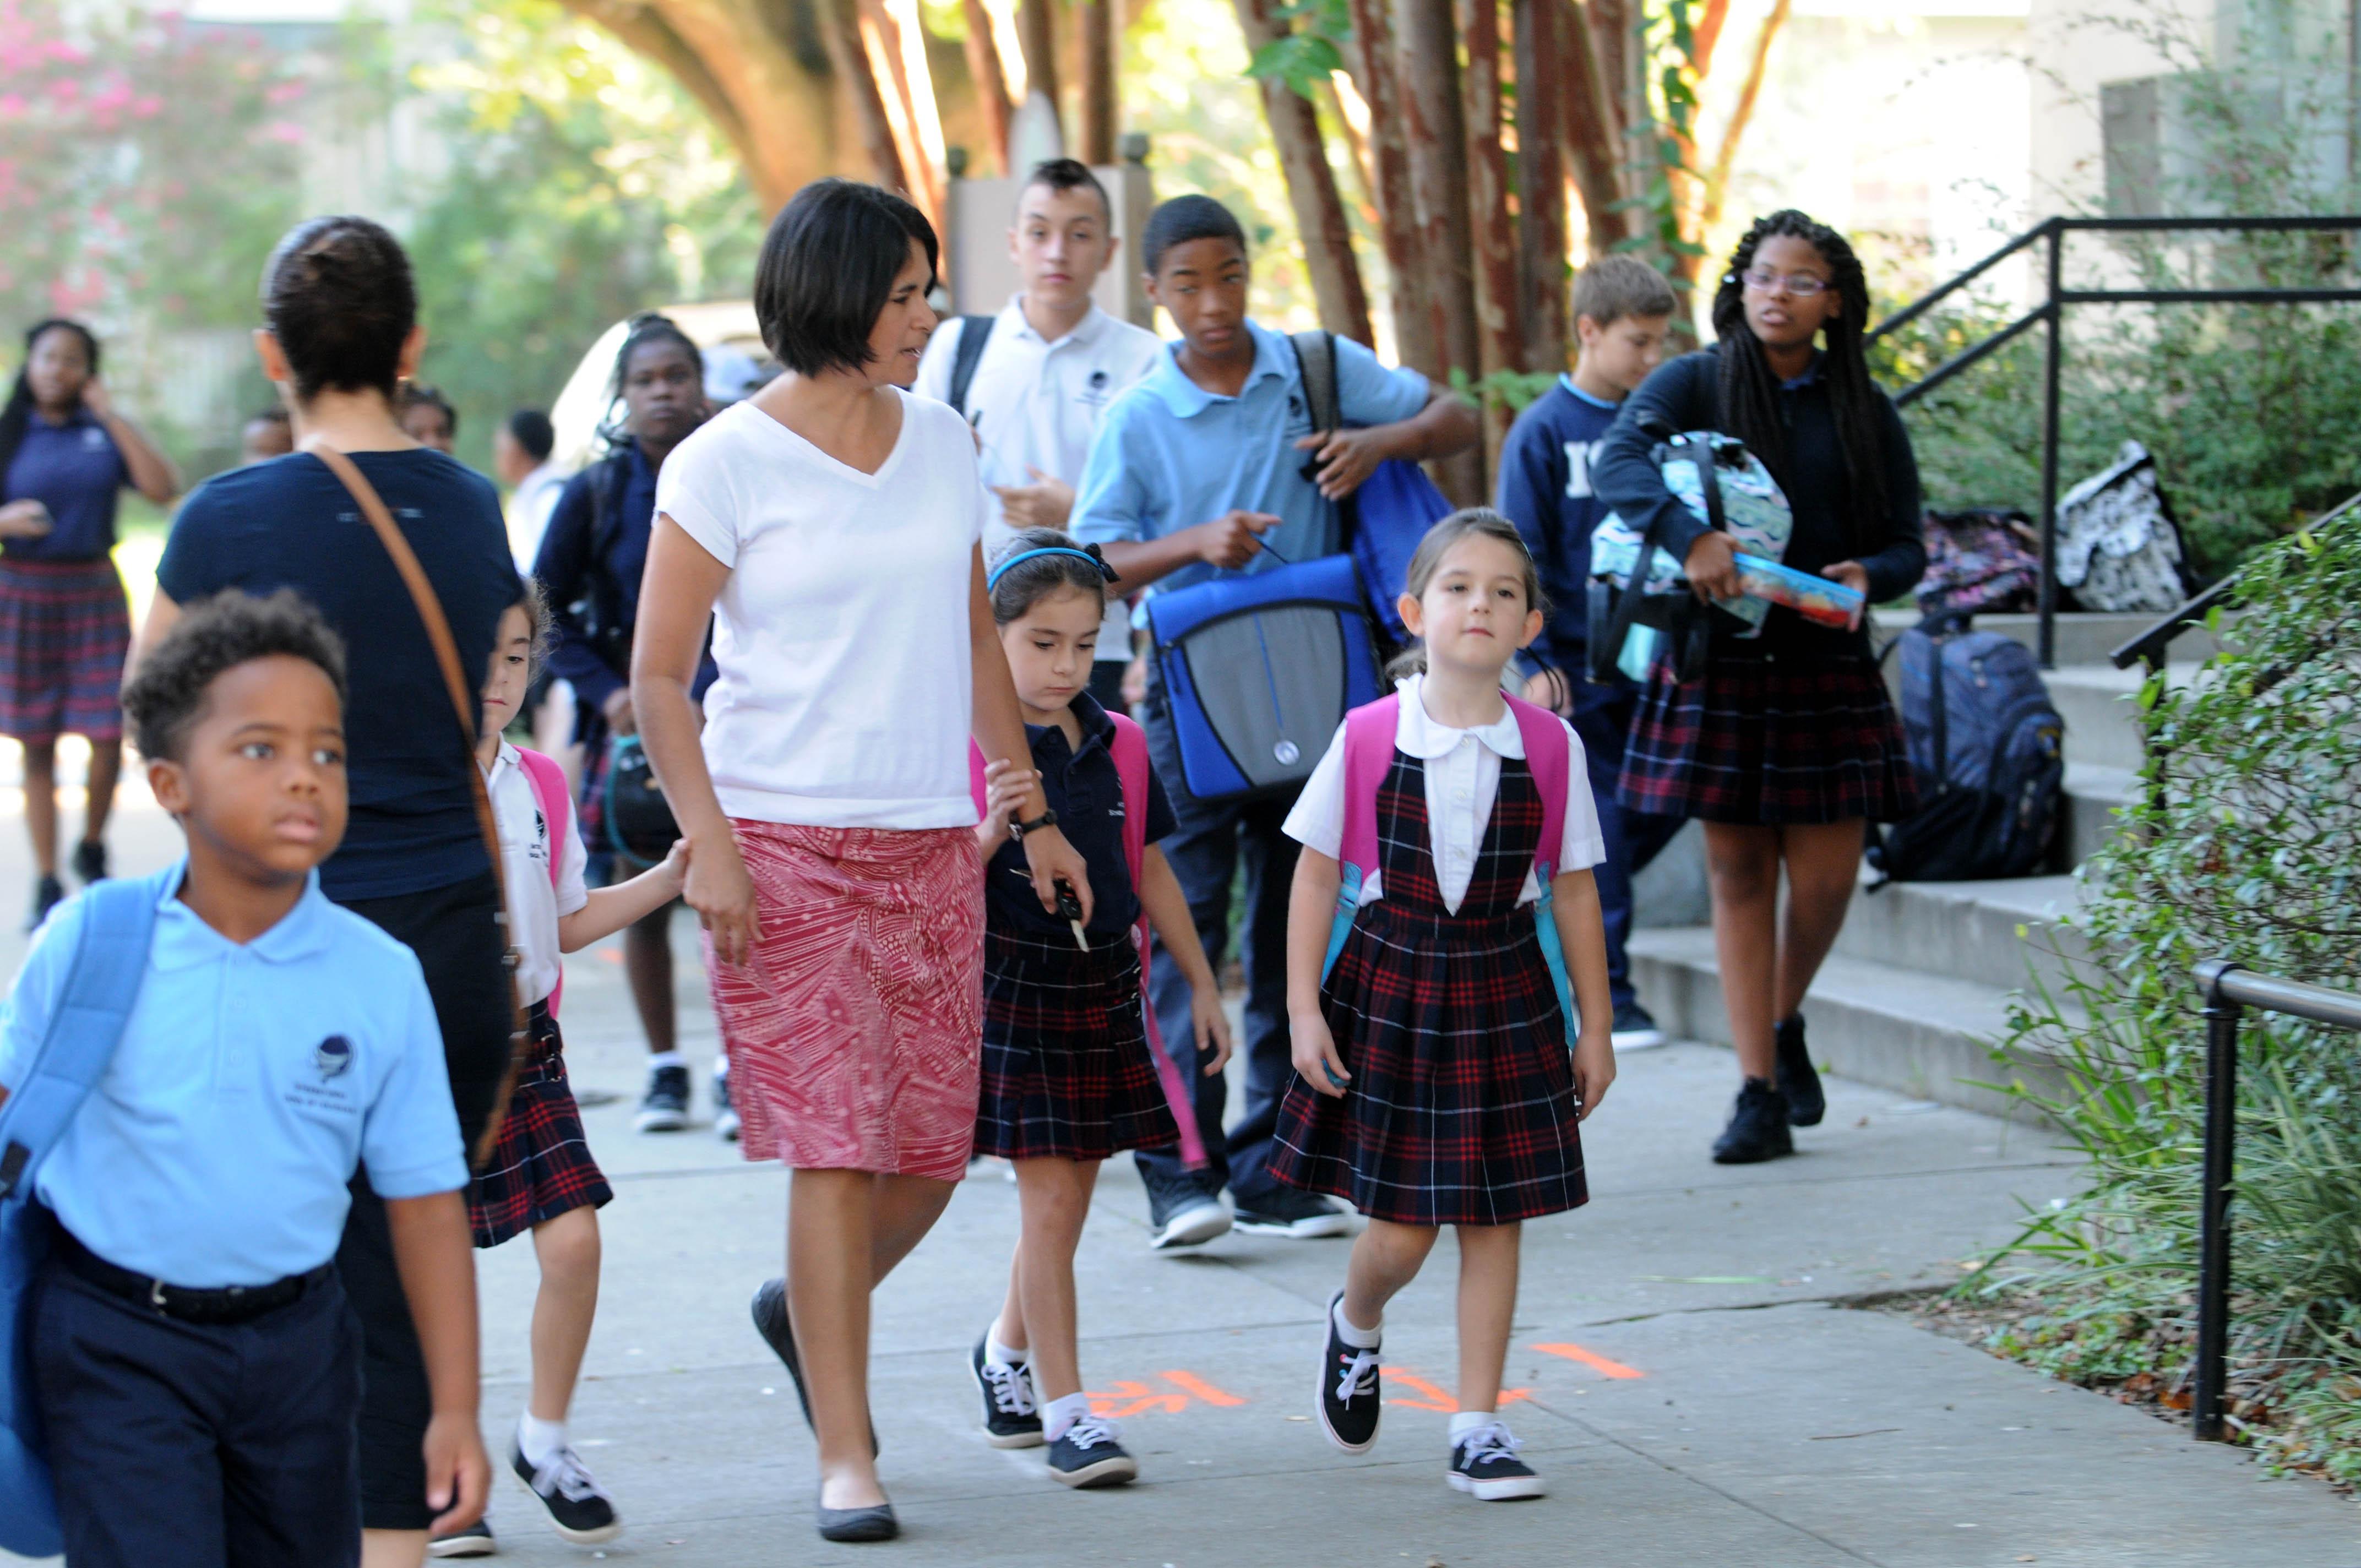 NOLA Charter Schools